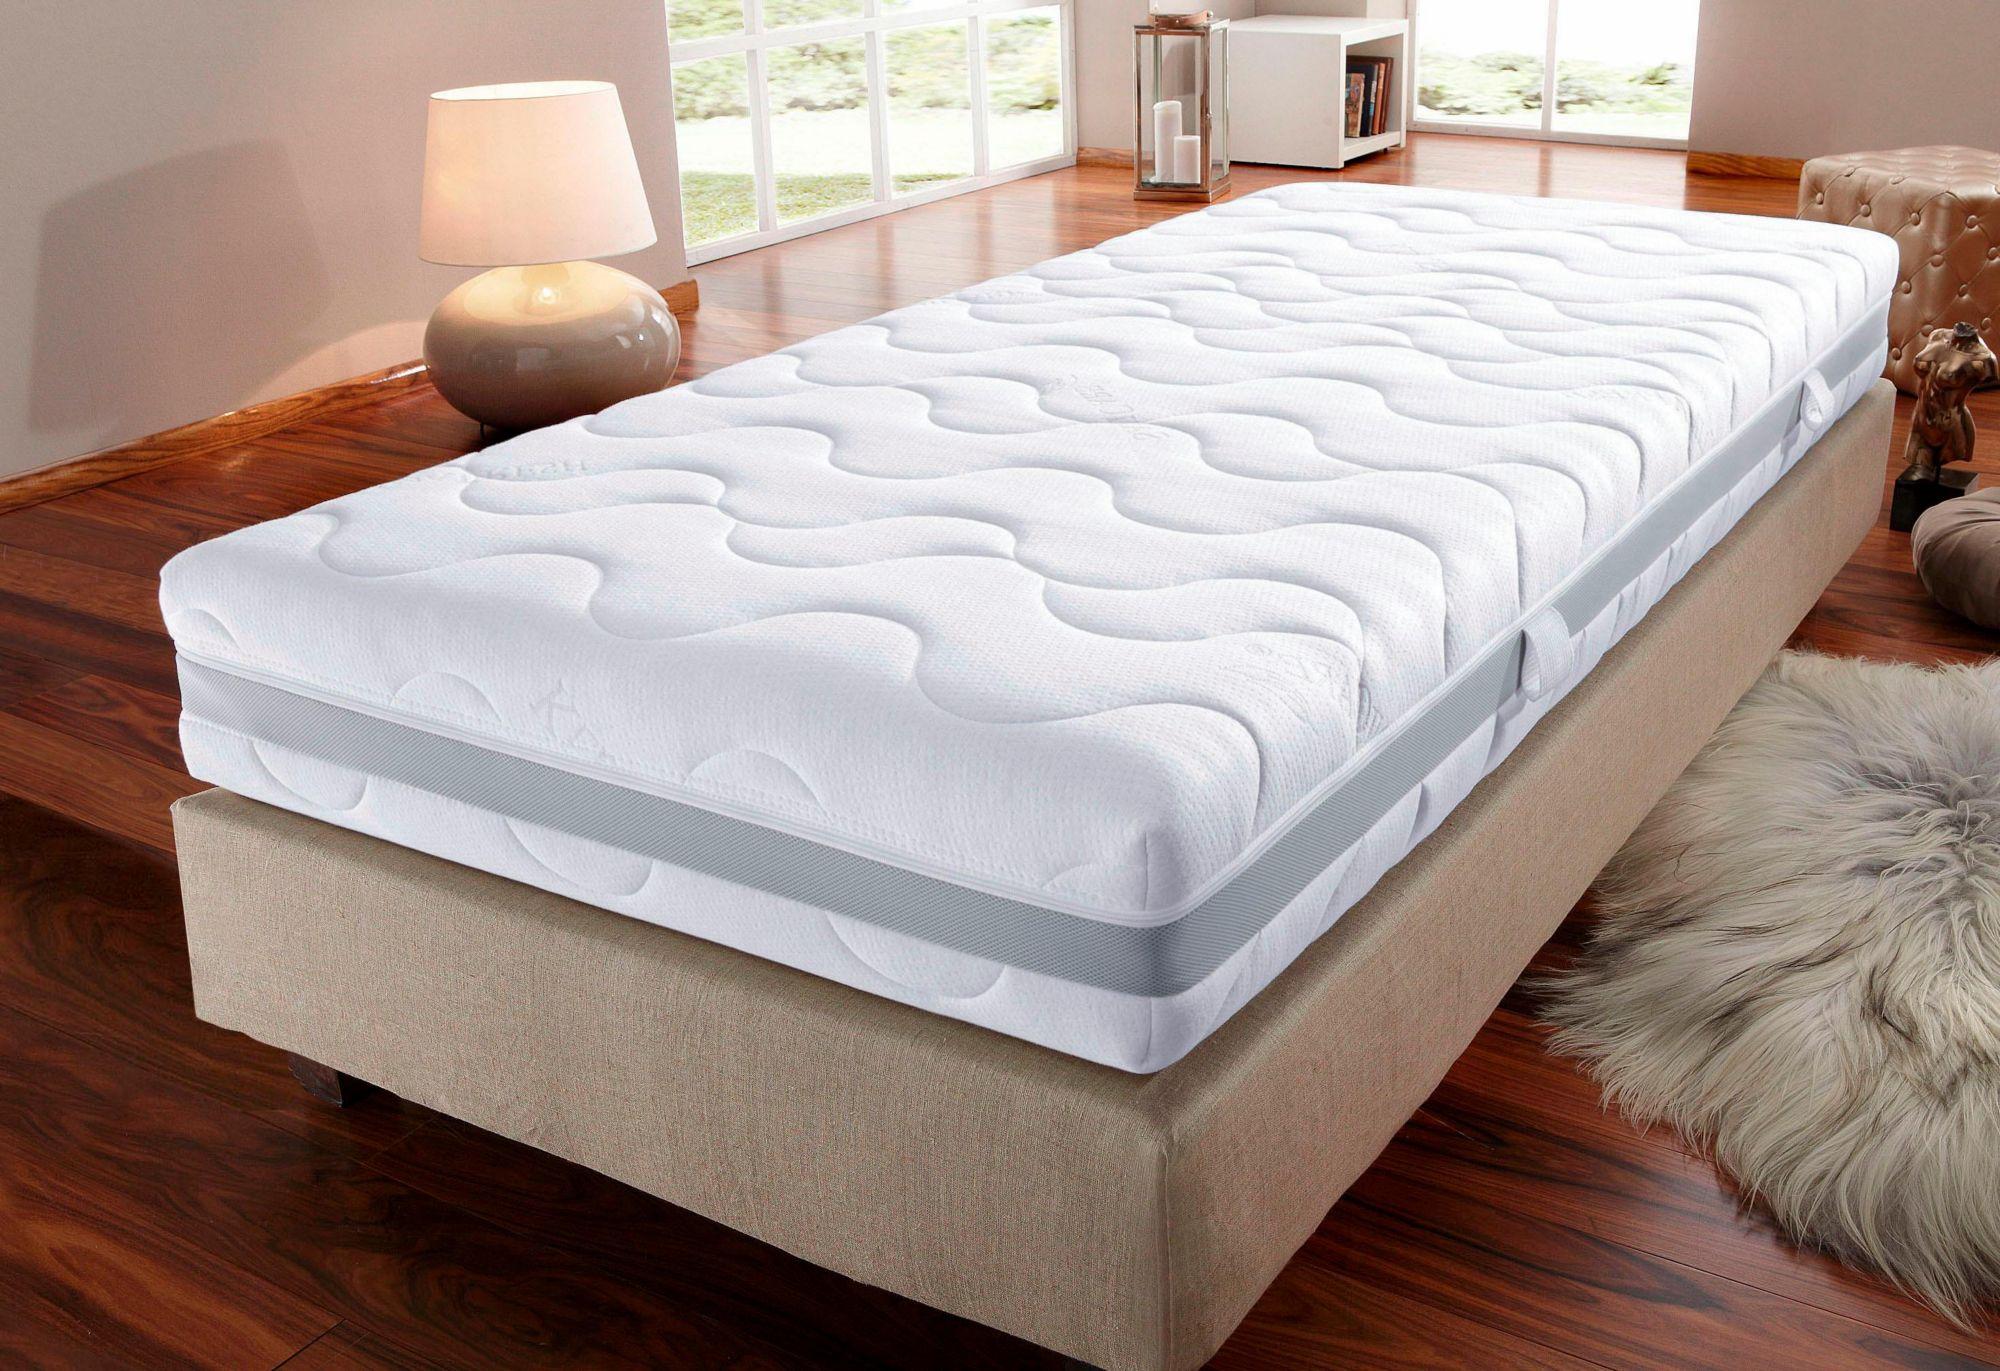 BECO Komfortschaummatratze, »Sanicare«, BeCo, Raumgewicht: 28, in 2 Höhen, Top-Hygiene und Allergie-Schutz in 2 Komfortklassen zur Wahl